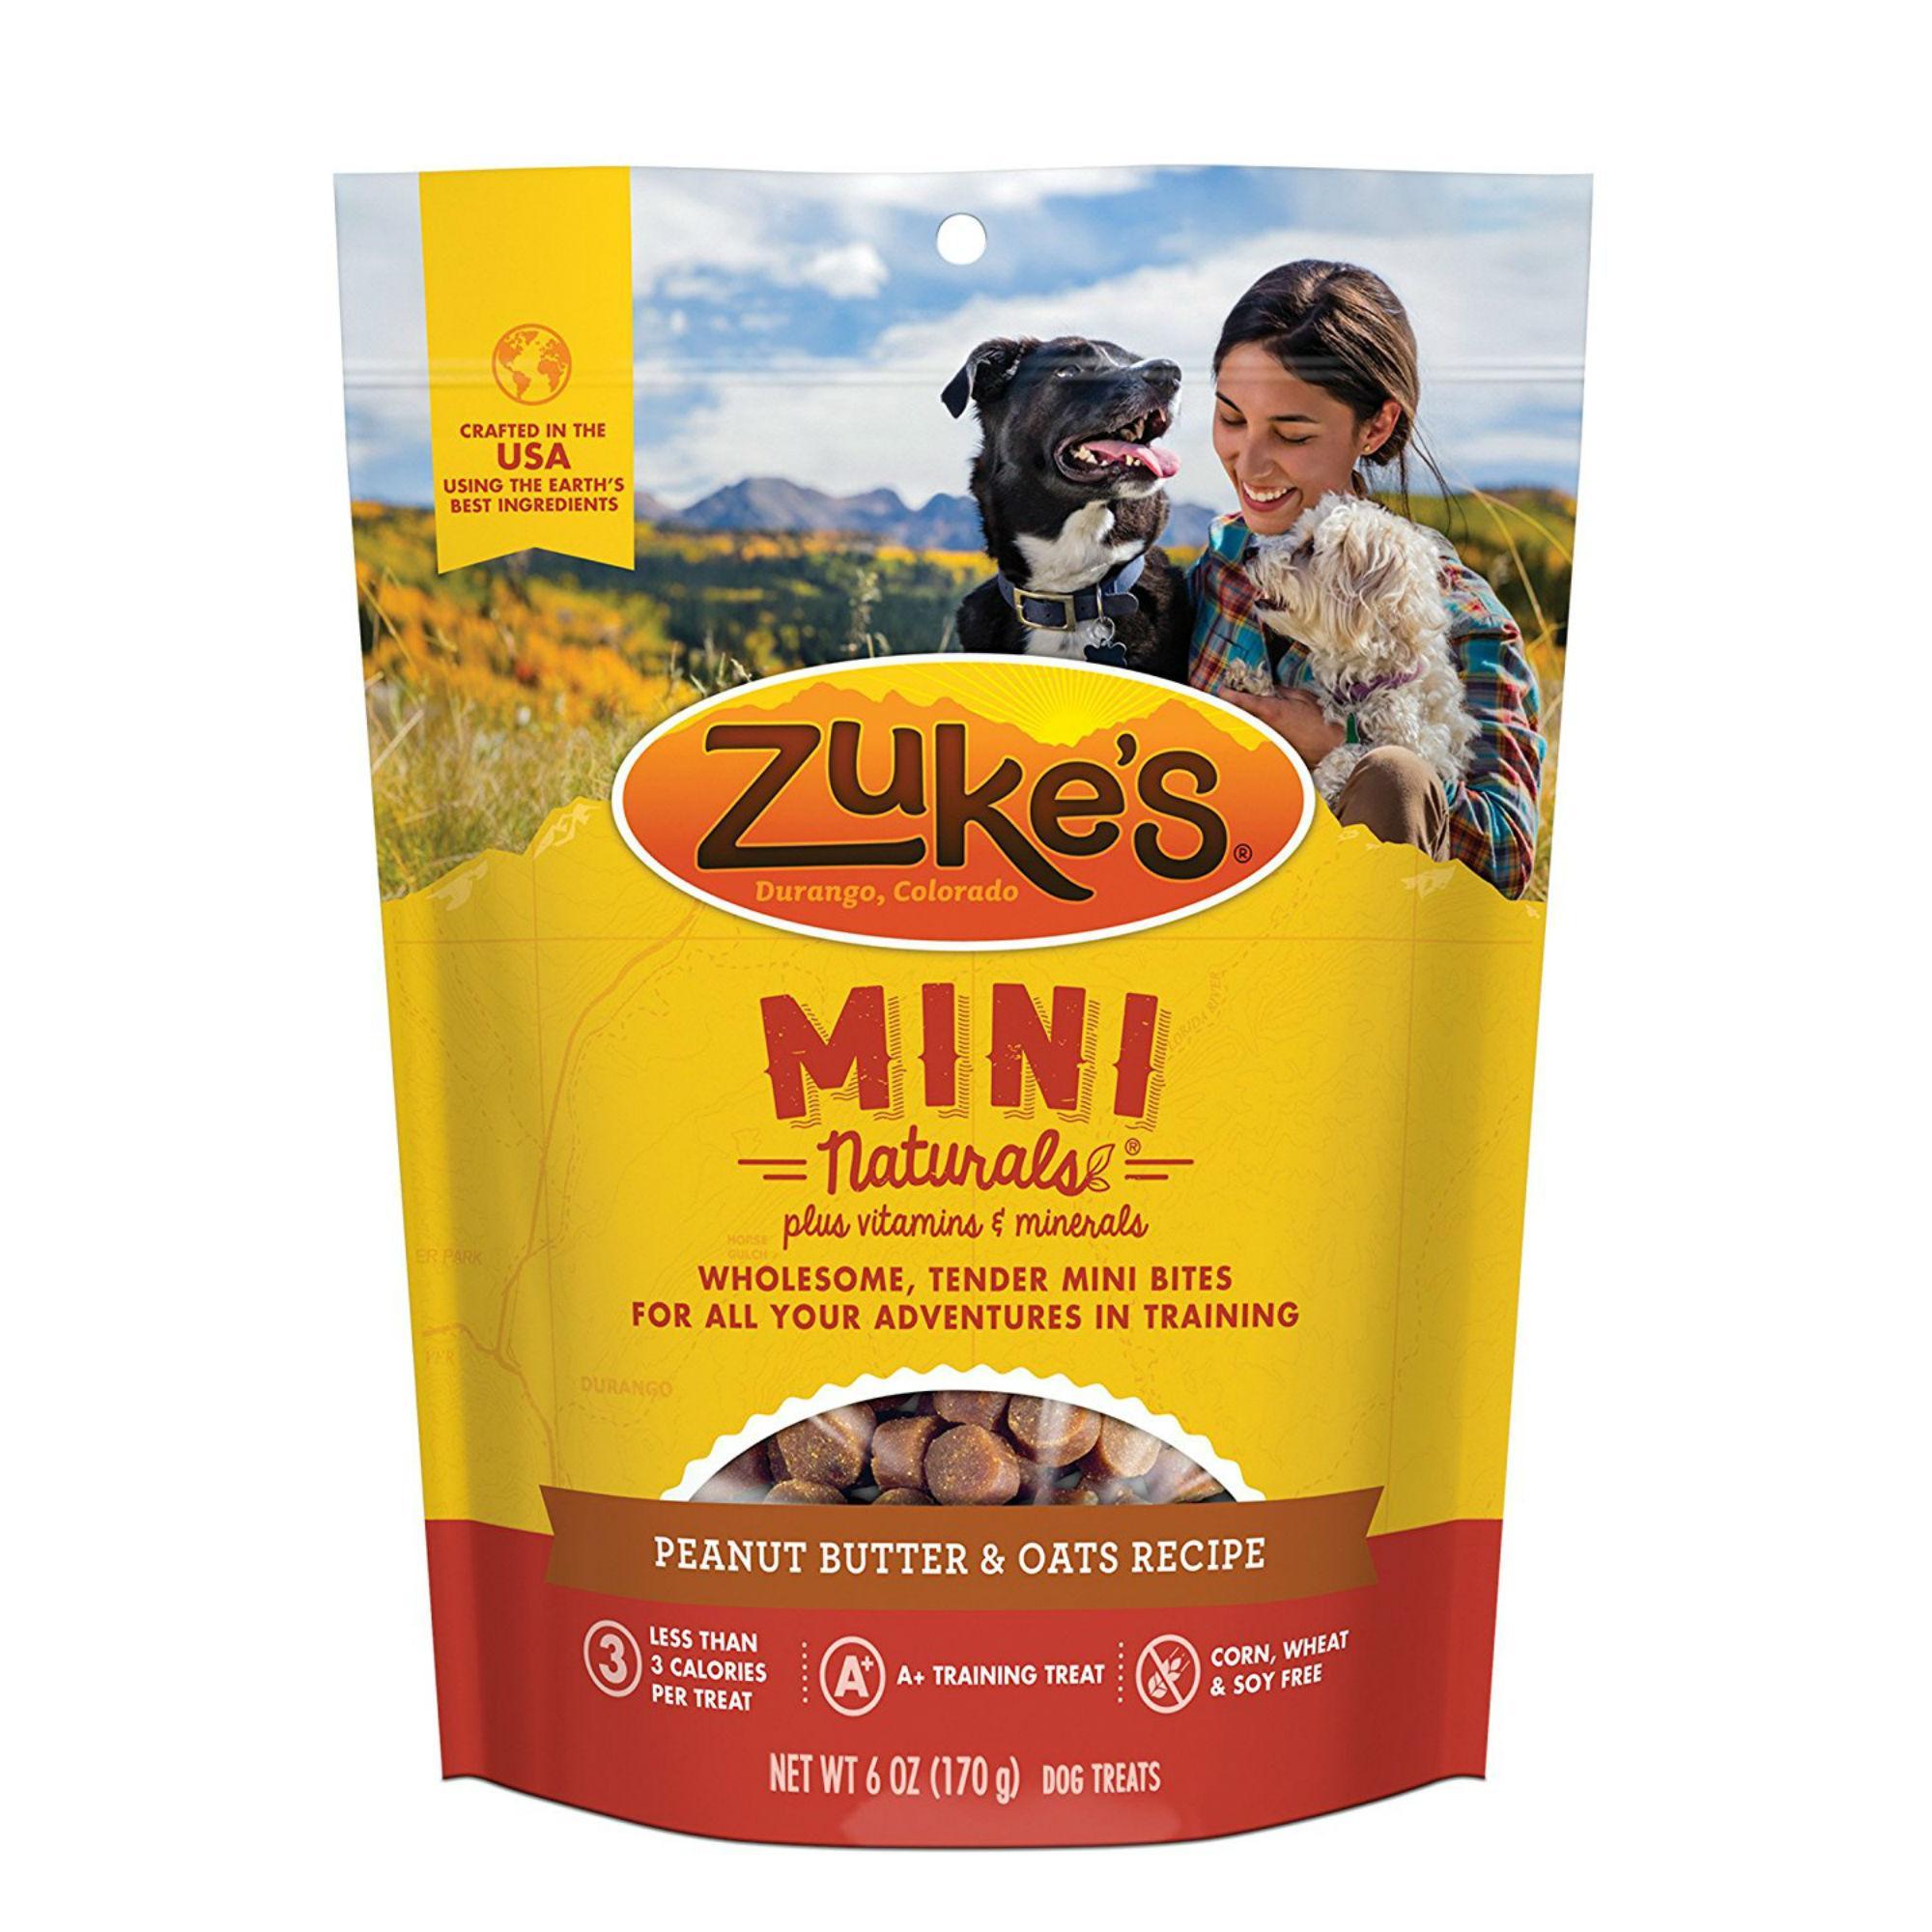 Zuke's Mini Naturals Dog Treats - Peanut Butter